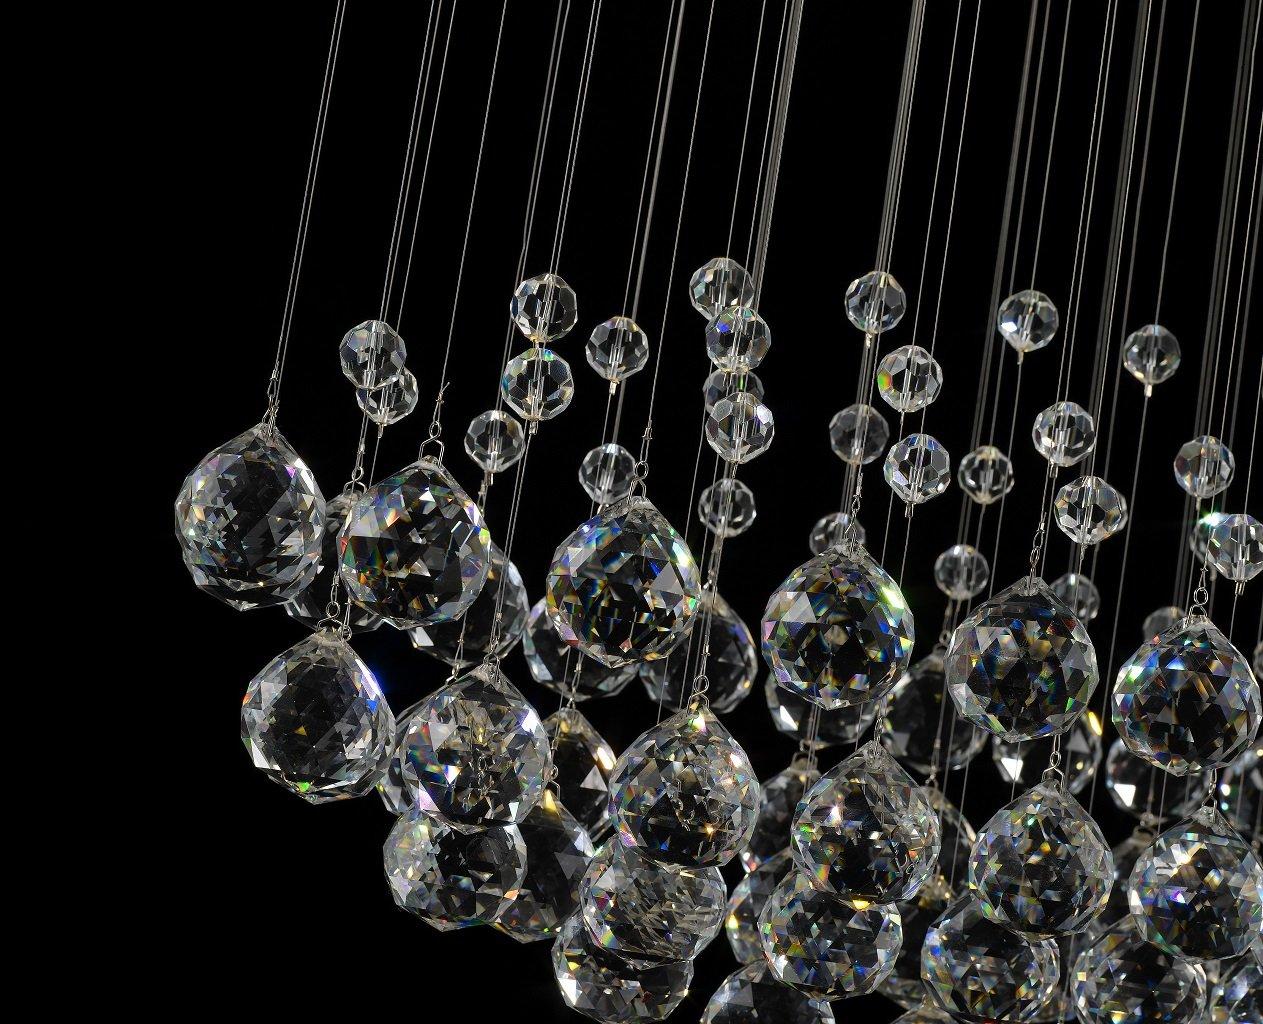 Kronleuchter Breit Kristall ~ Wenseny kronleuchter kristall deckenleuchte kristalllampen mit